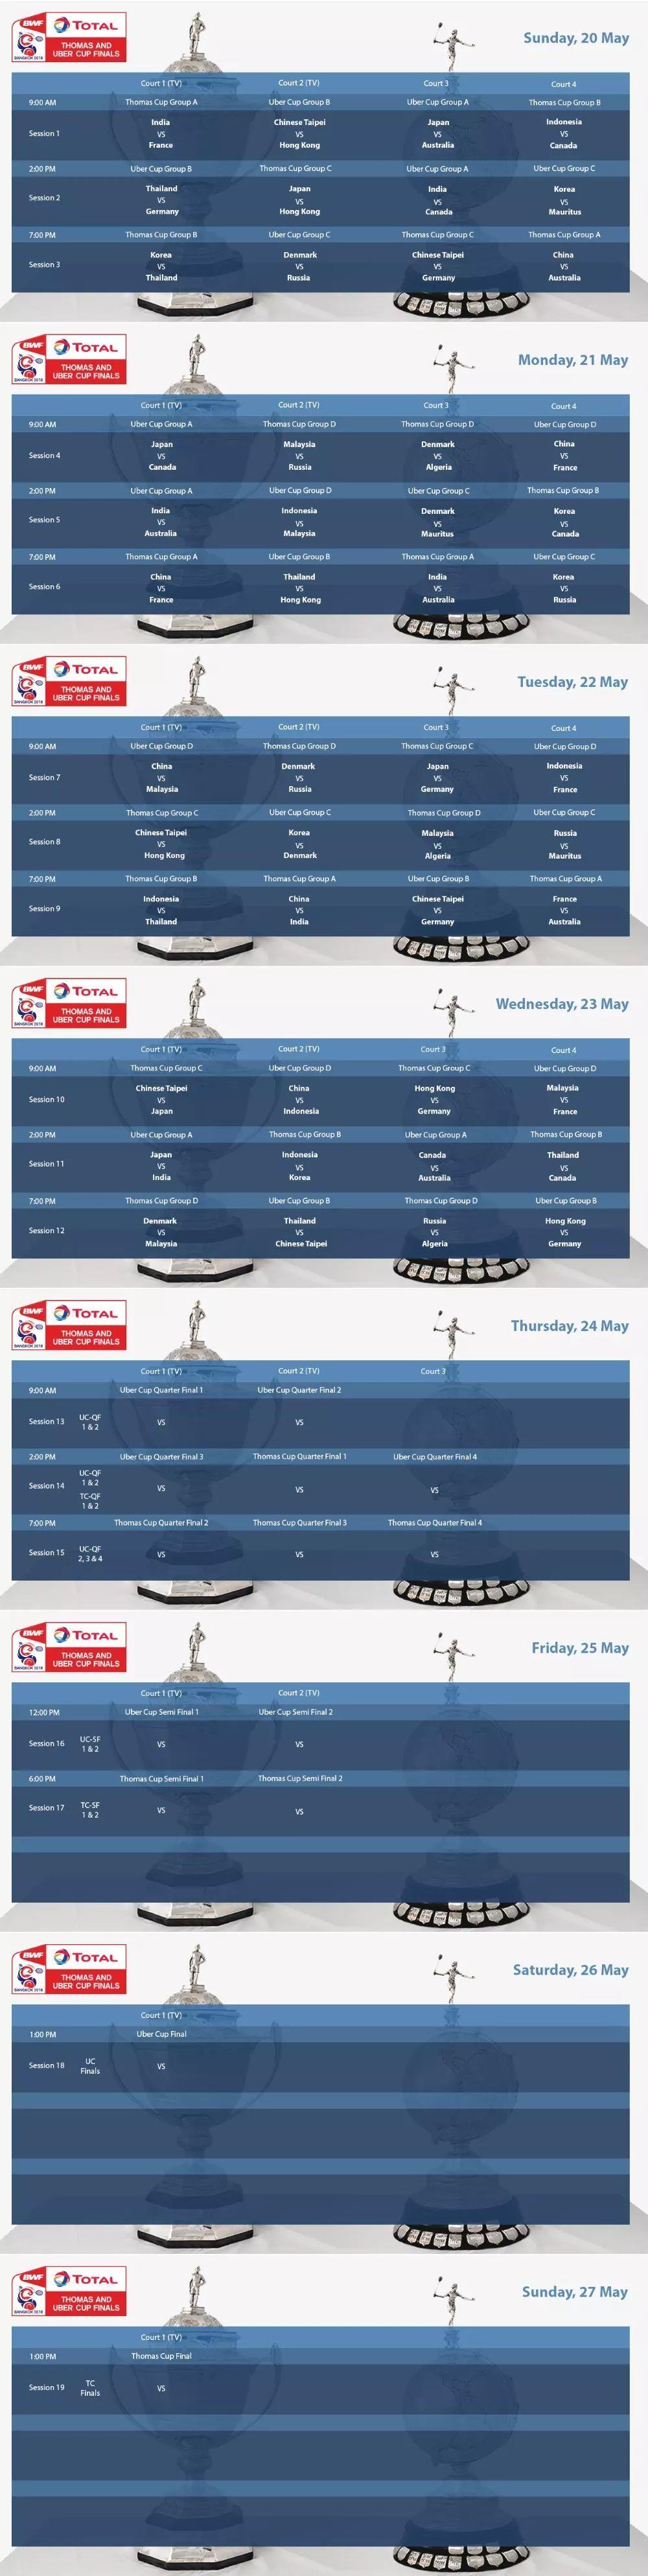 2018汤尤杯赛程表 比赛时间安排一览表